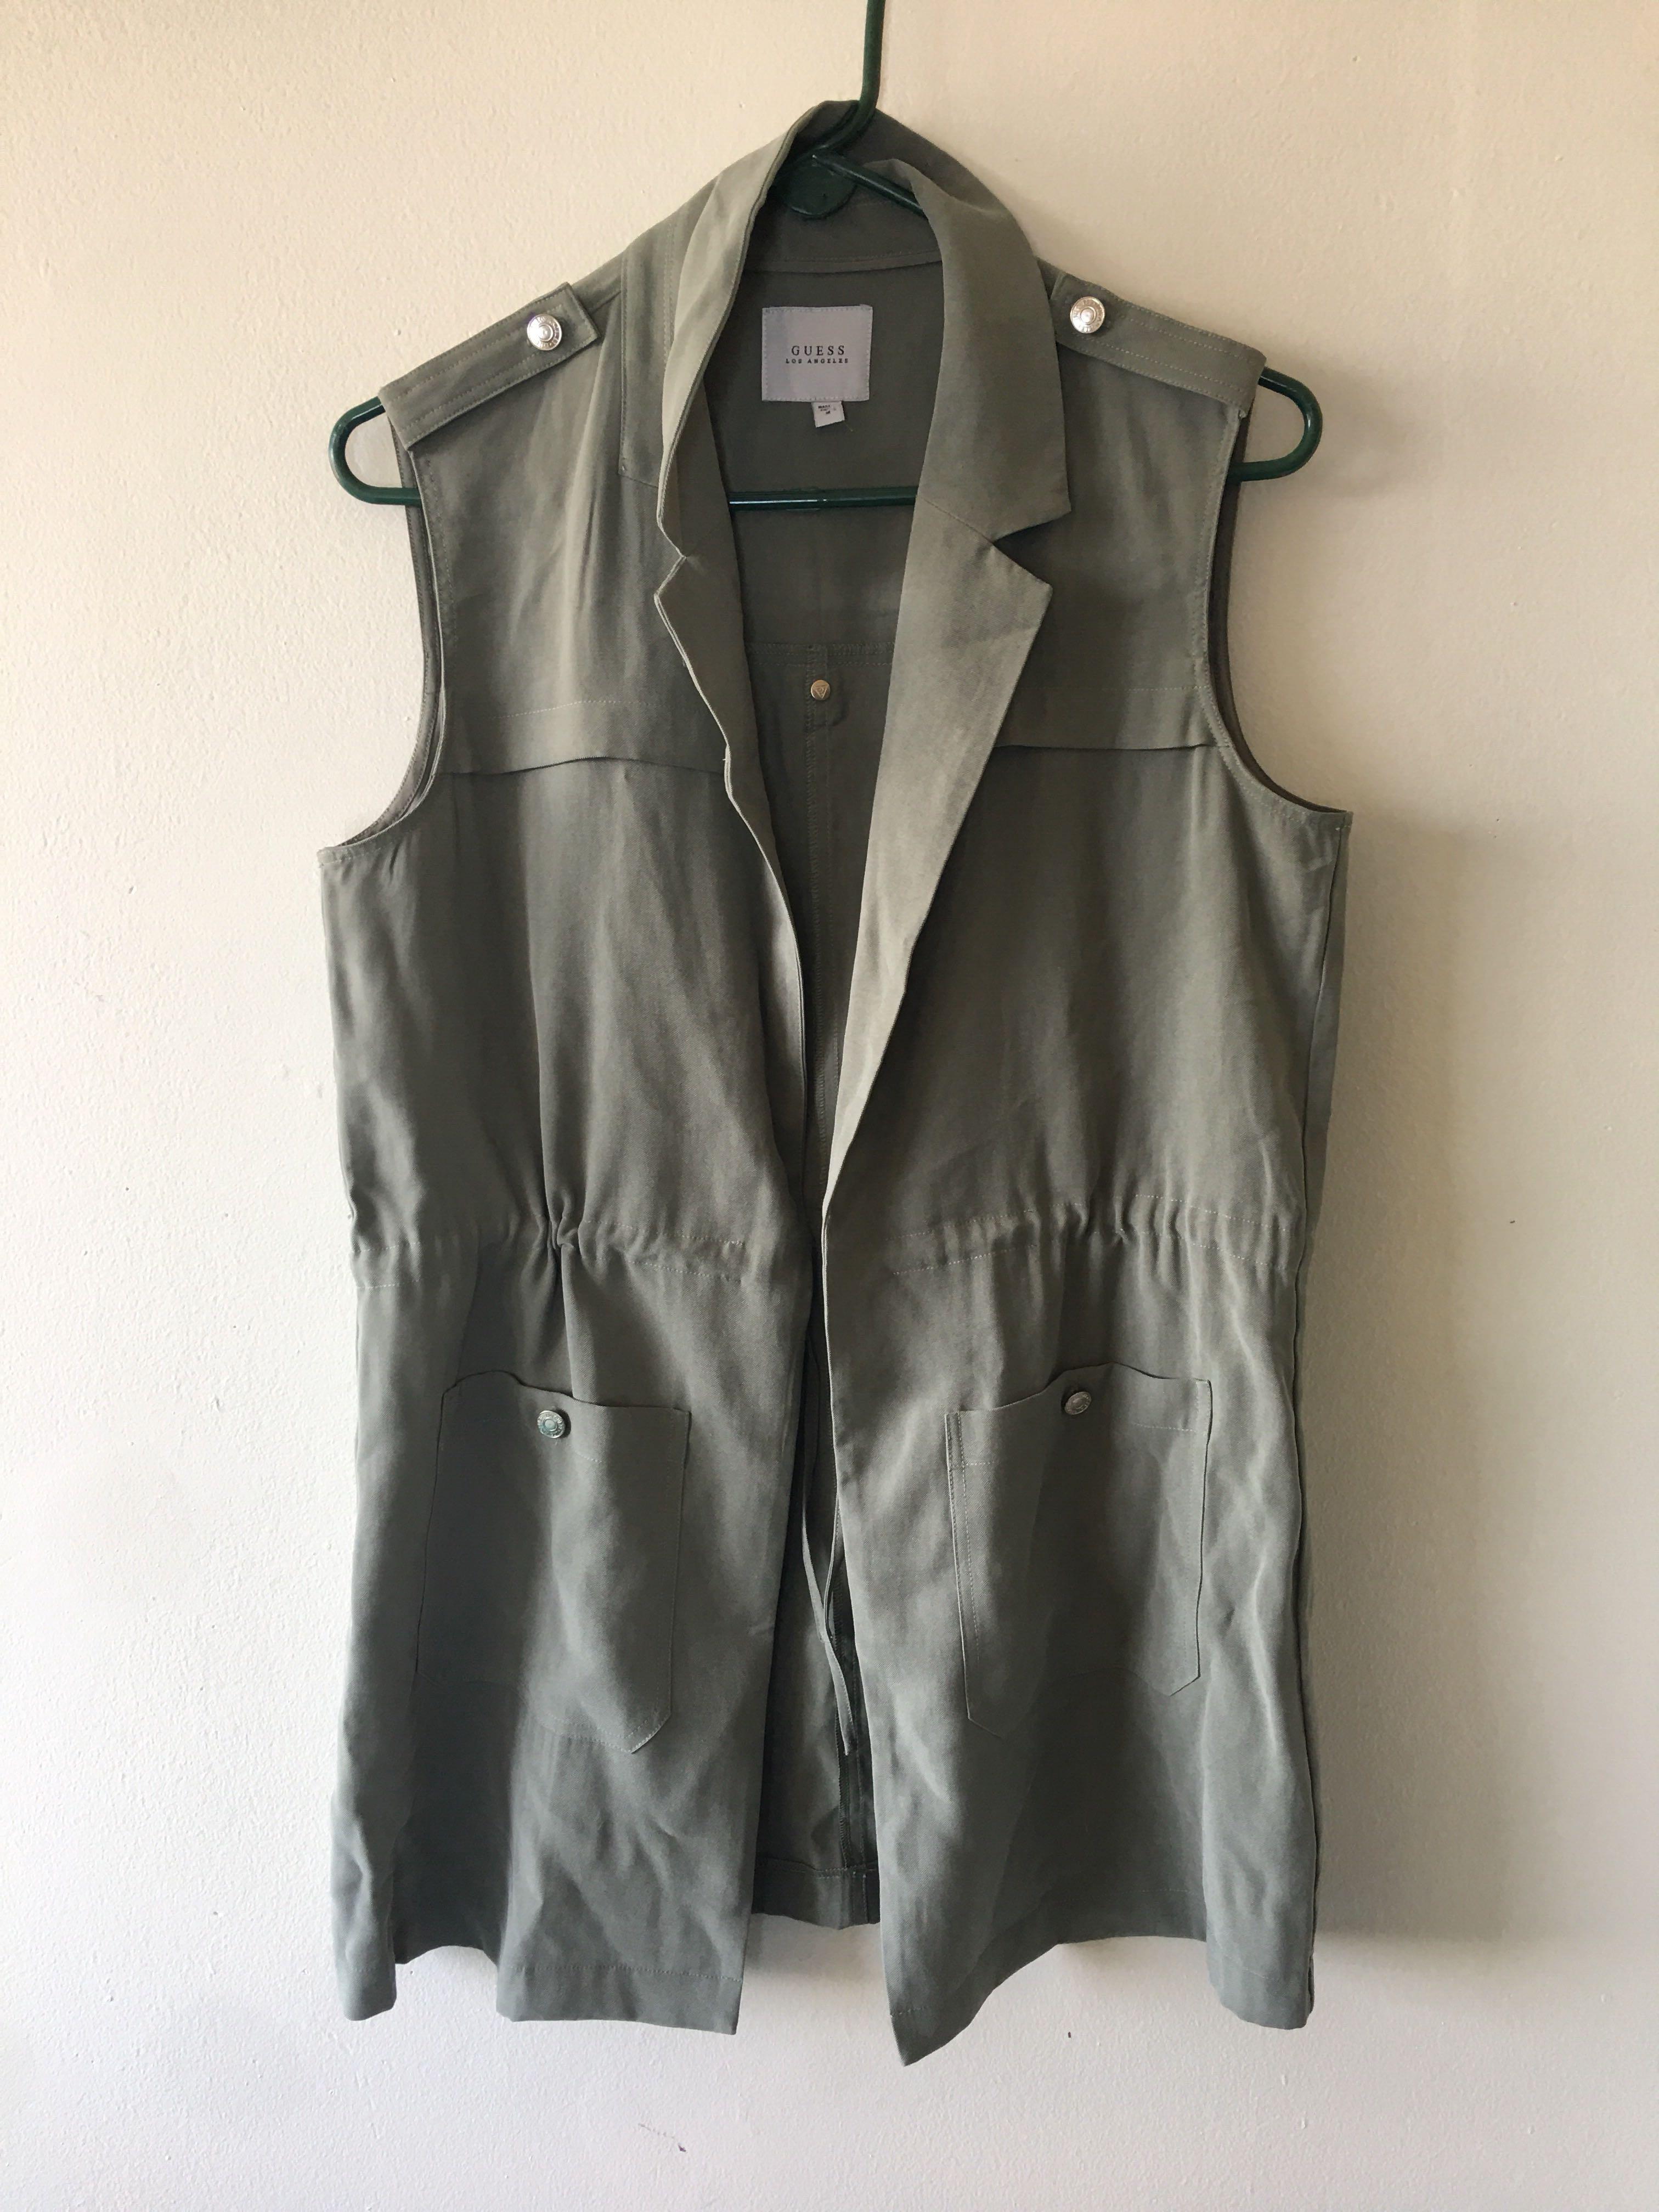 ⚫️ MEDIUM Long GUESS Vest